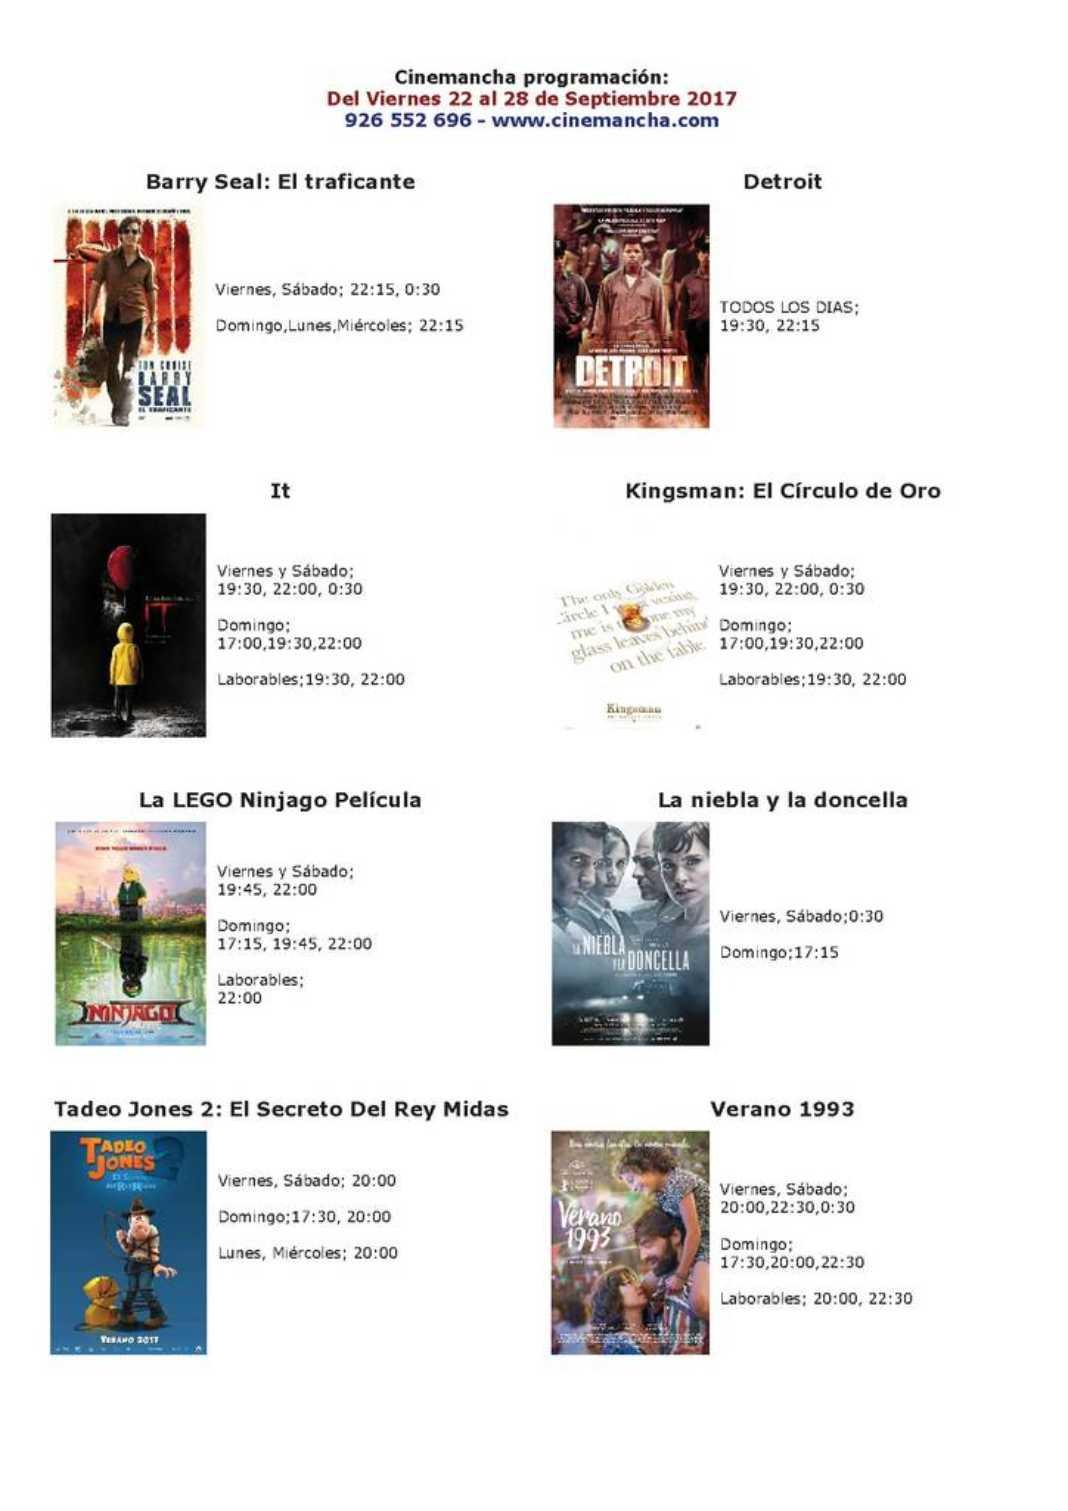 cartelera de multicines cinemancha del 22 al 28 de septiembre 1068x1511 - Nueva cartelera en Cinemancha del 22 al 28 de septiembre